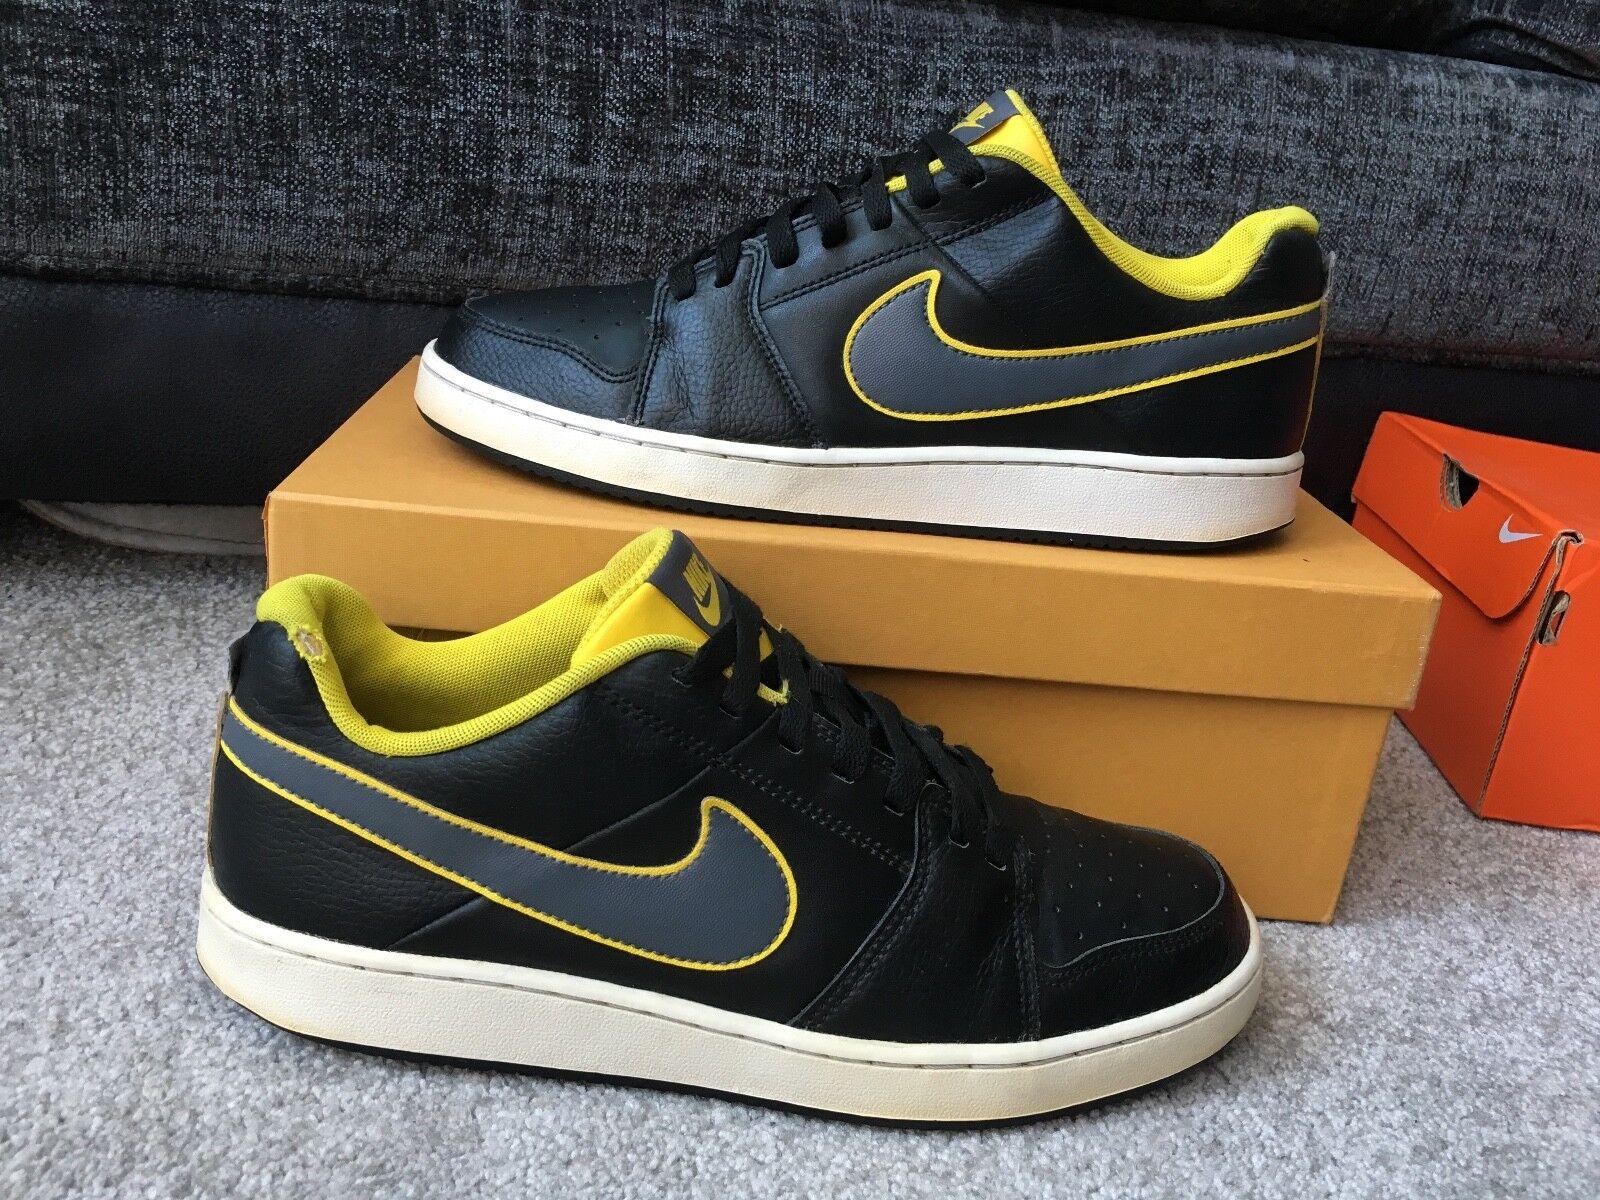 5d0b5e5f61fa56 Nike Backboard II black   yellow leather low top top top trainers ...